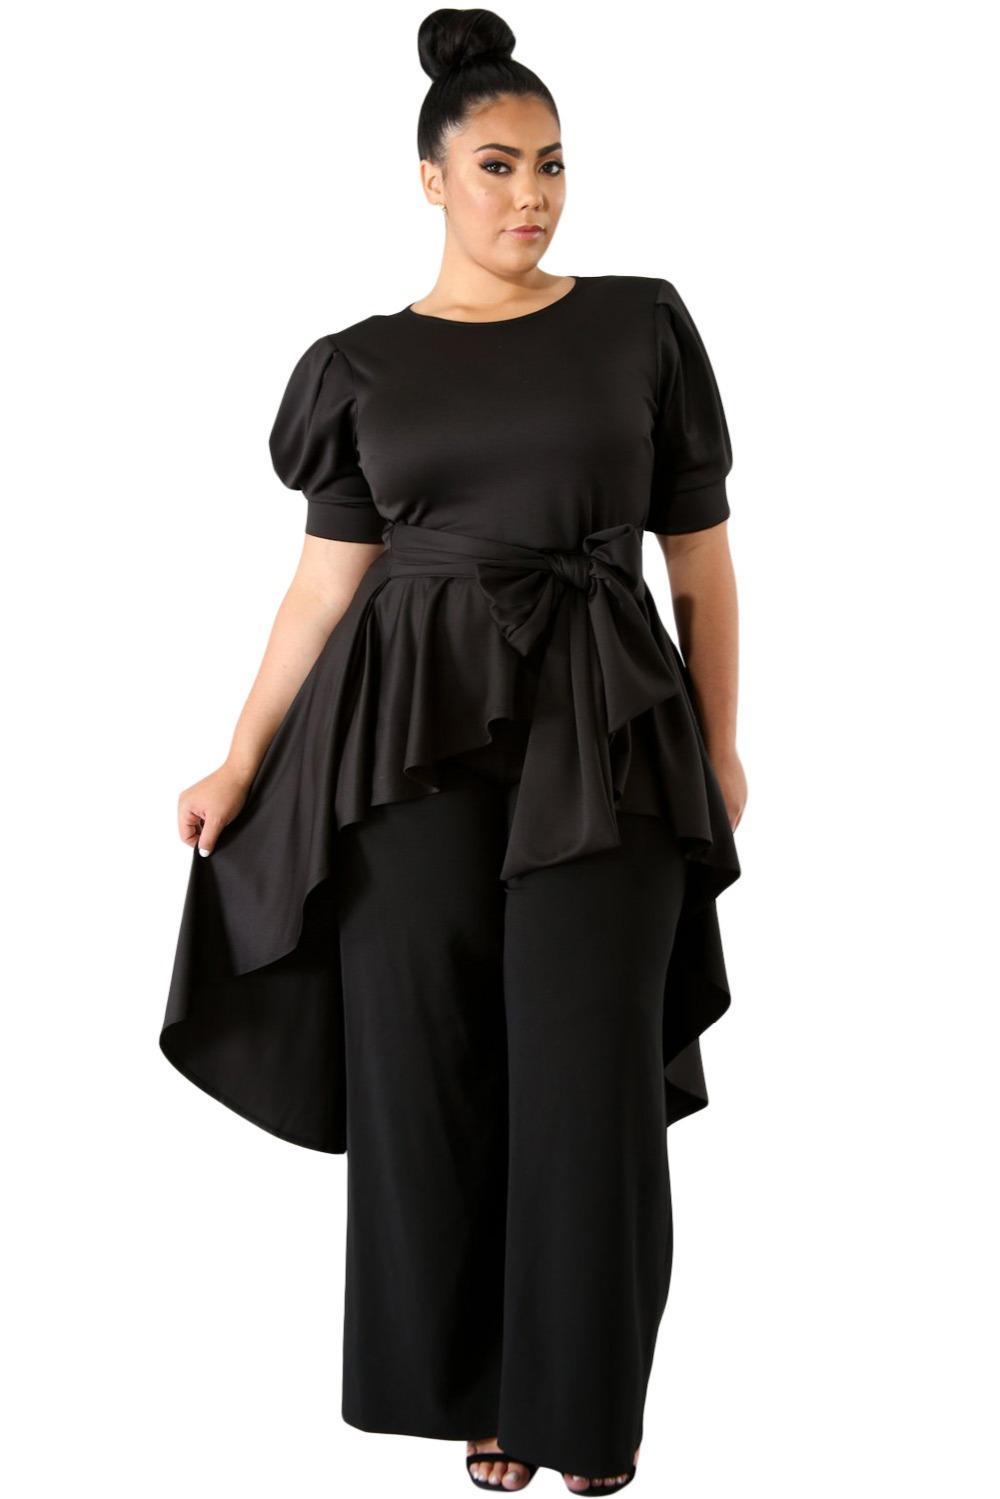 fab0771e0e2 Compre 2018 Blusas De Mujer Ropa De Gran Tamaño Asimétrica Sólido ...